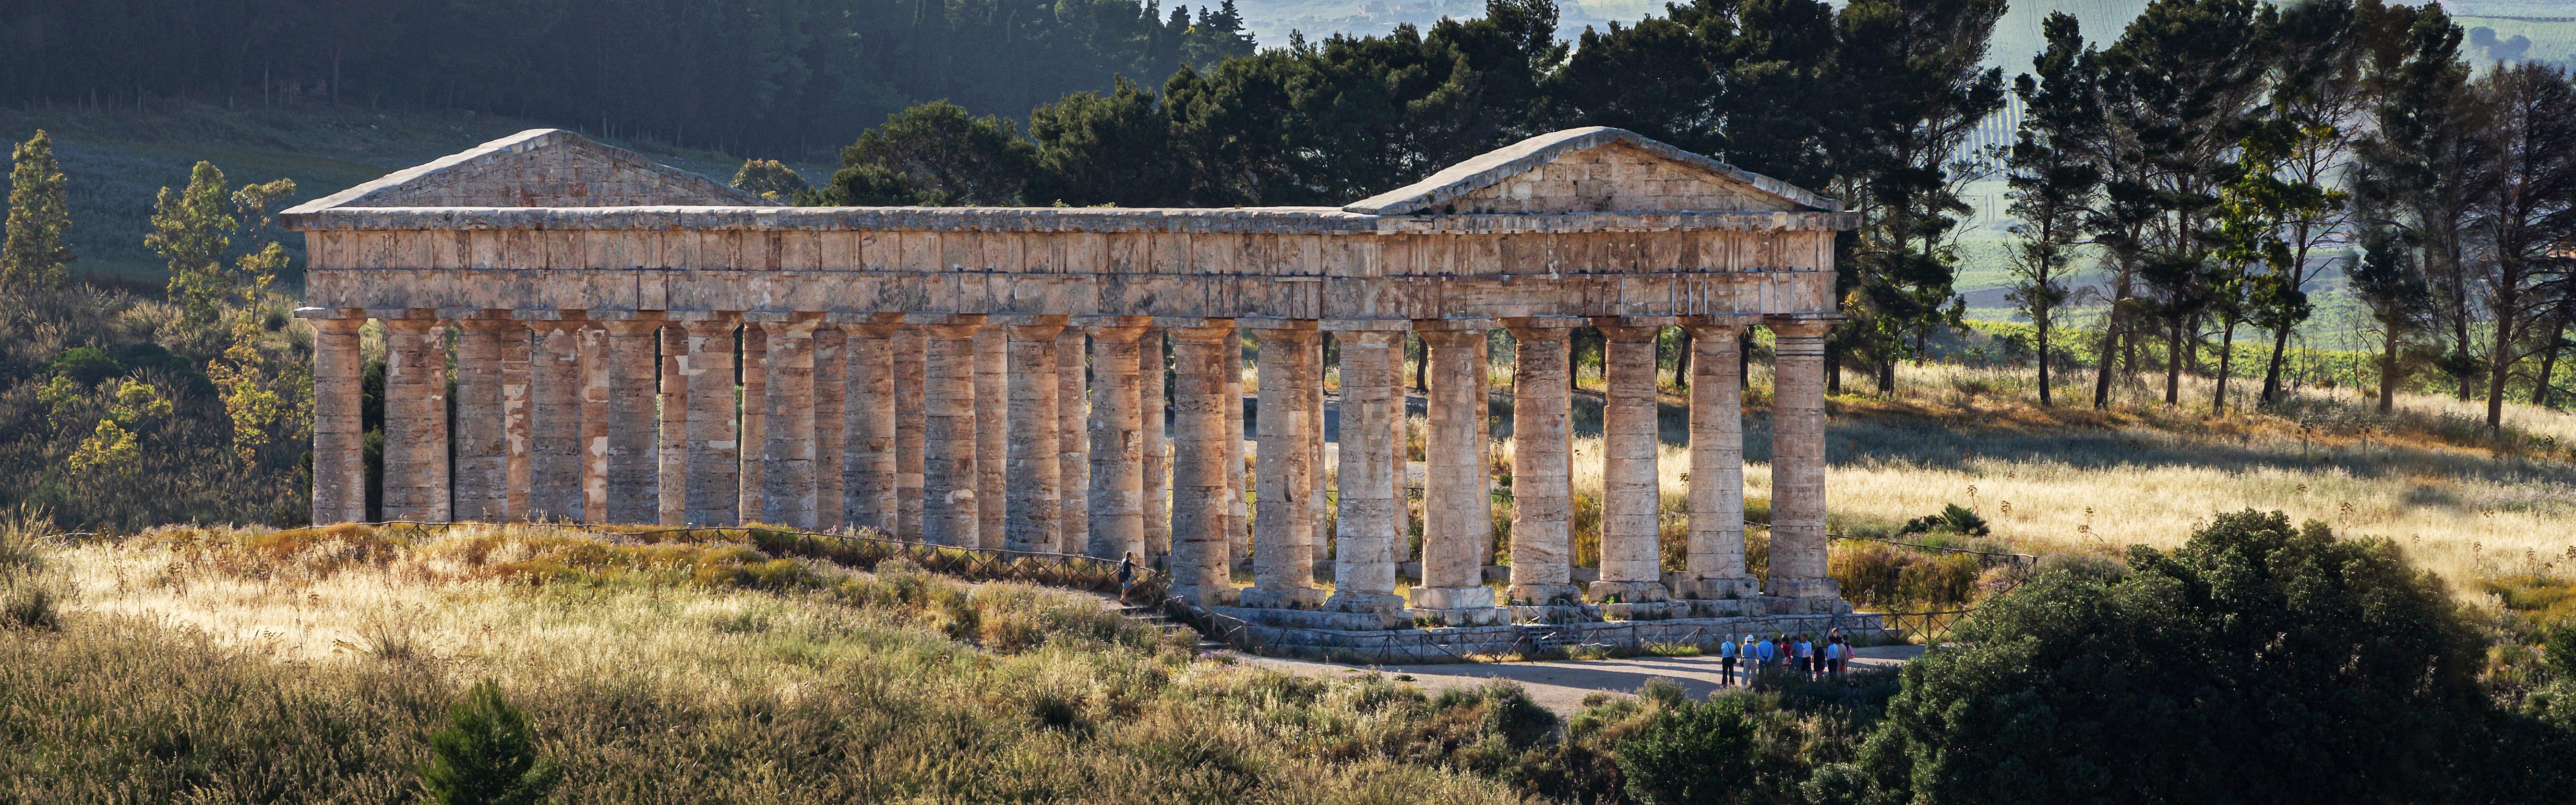 Greek Temple in Segesta, Sicily